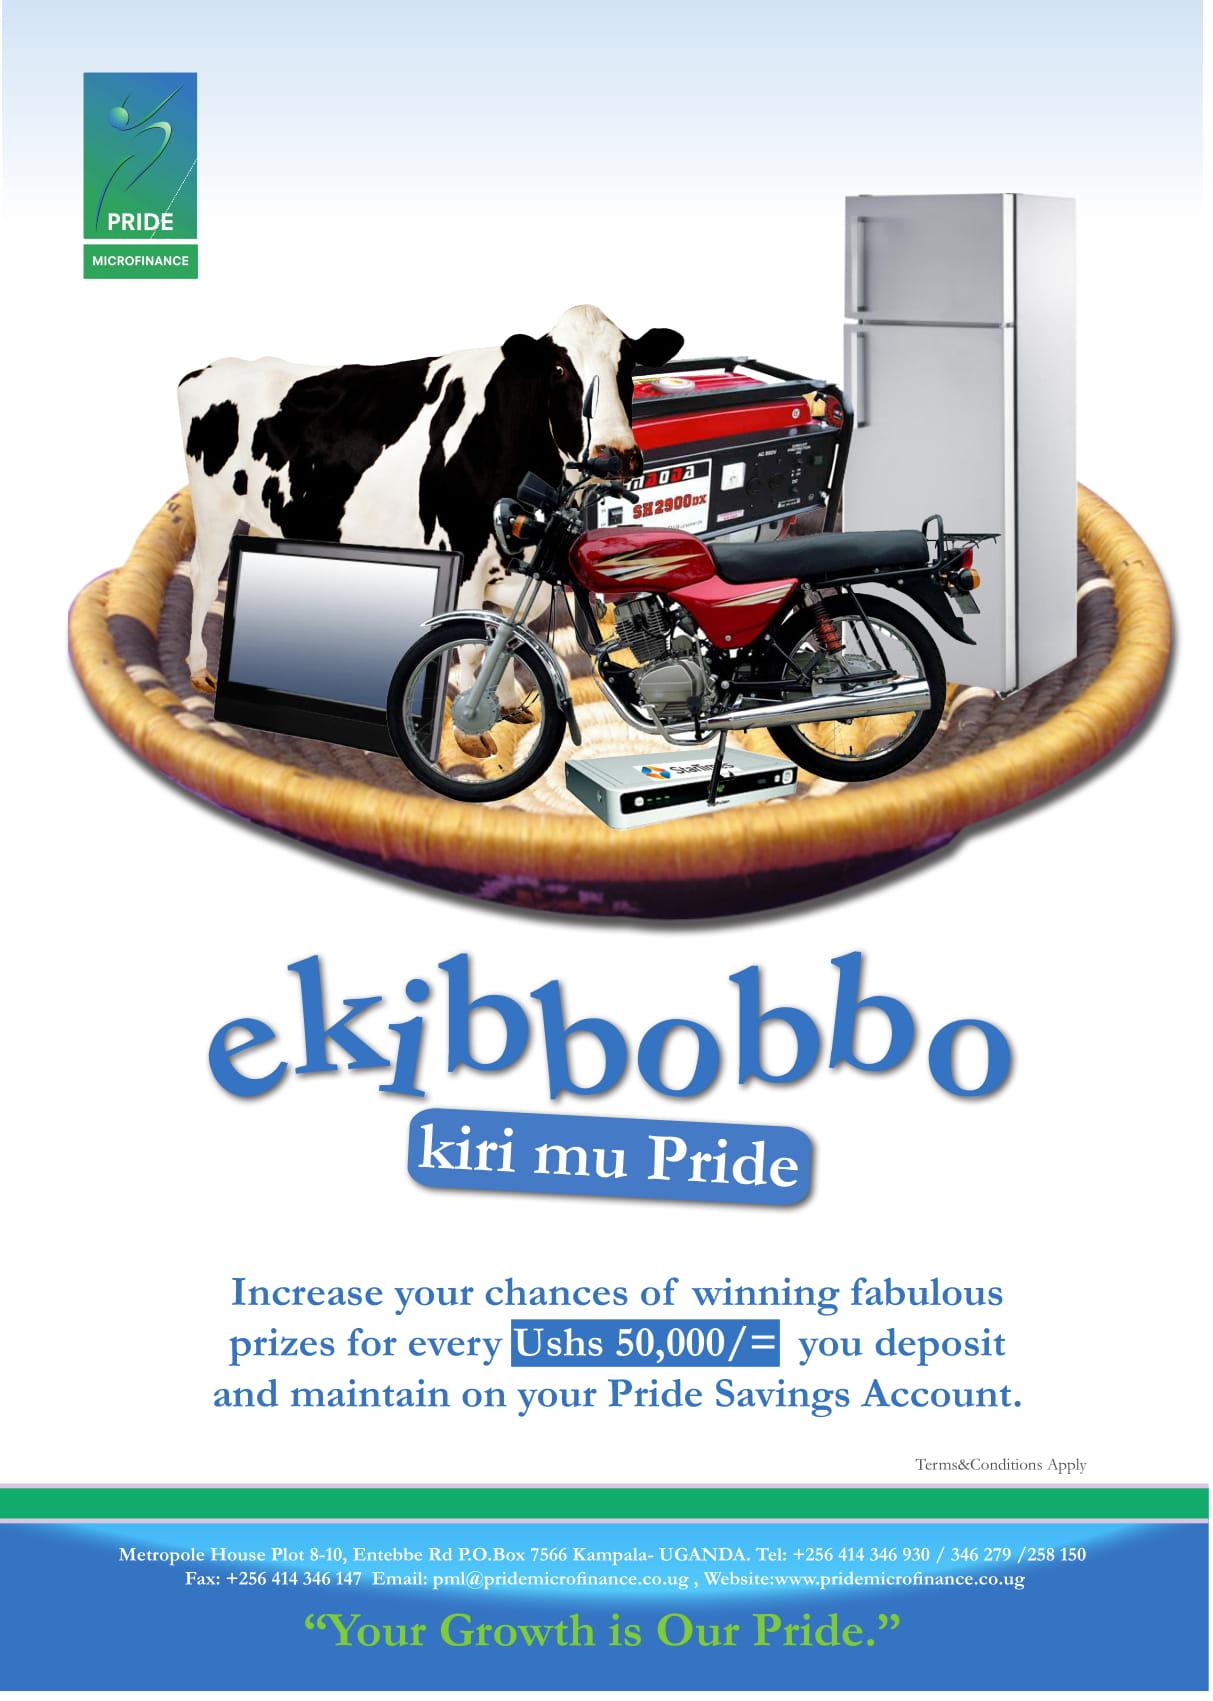 Ekibobo